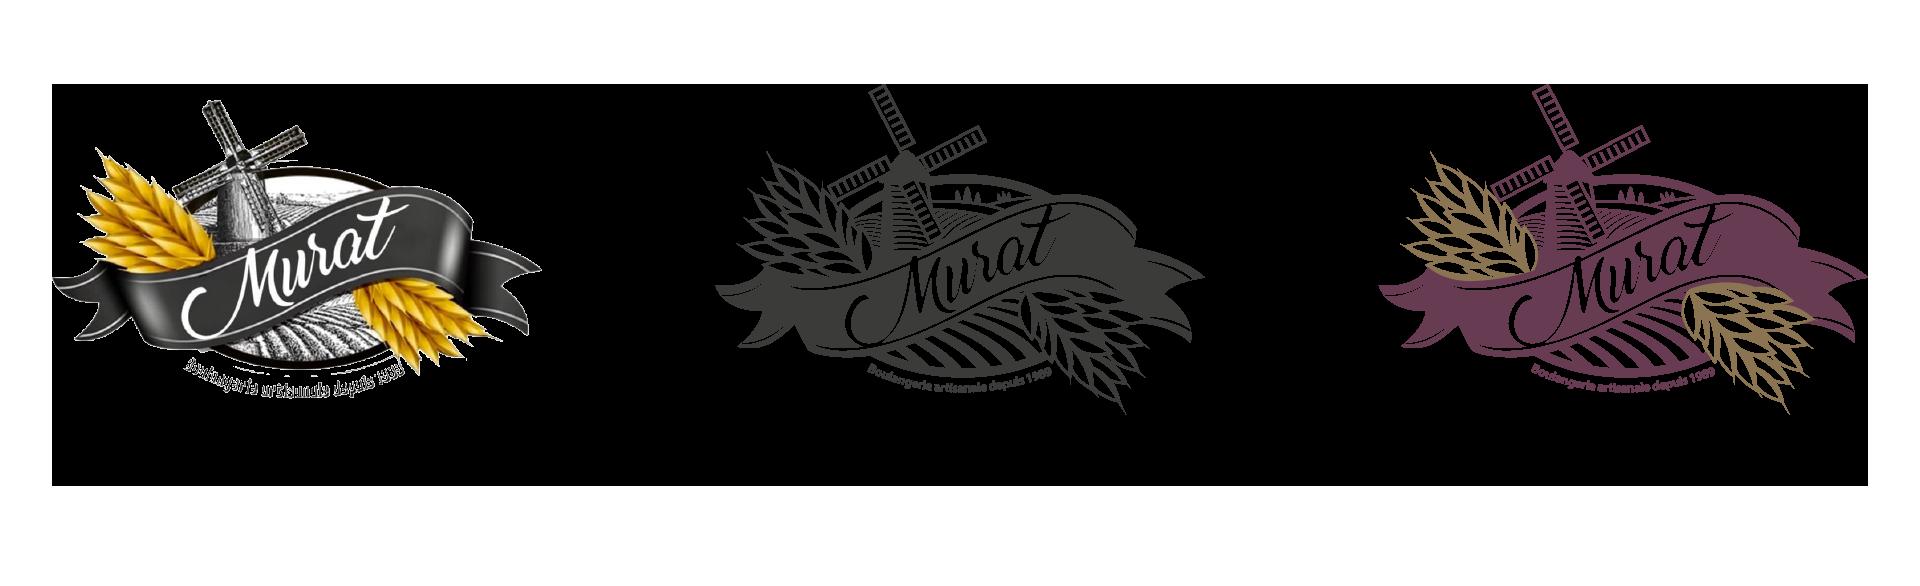 Évolution du logo de la boulangerie